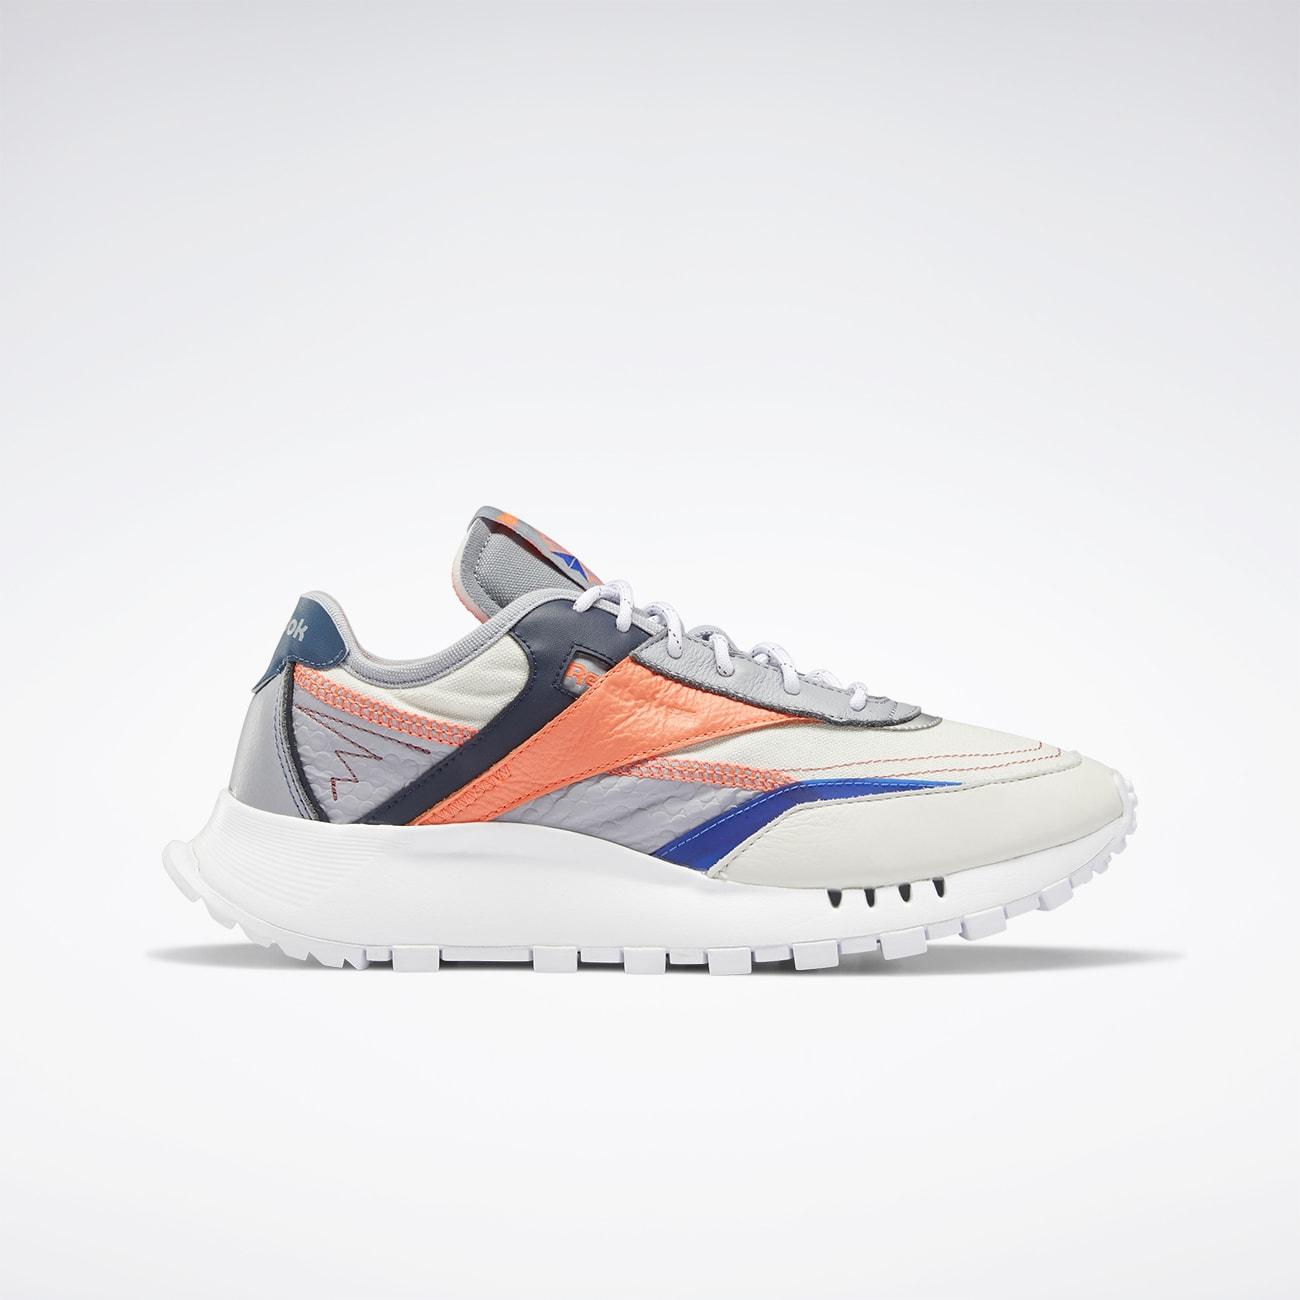 NewShoes_FZ2921